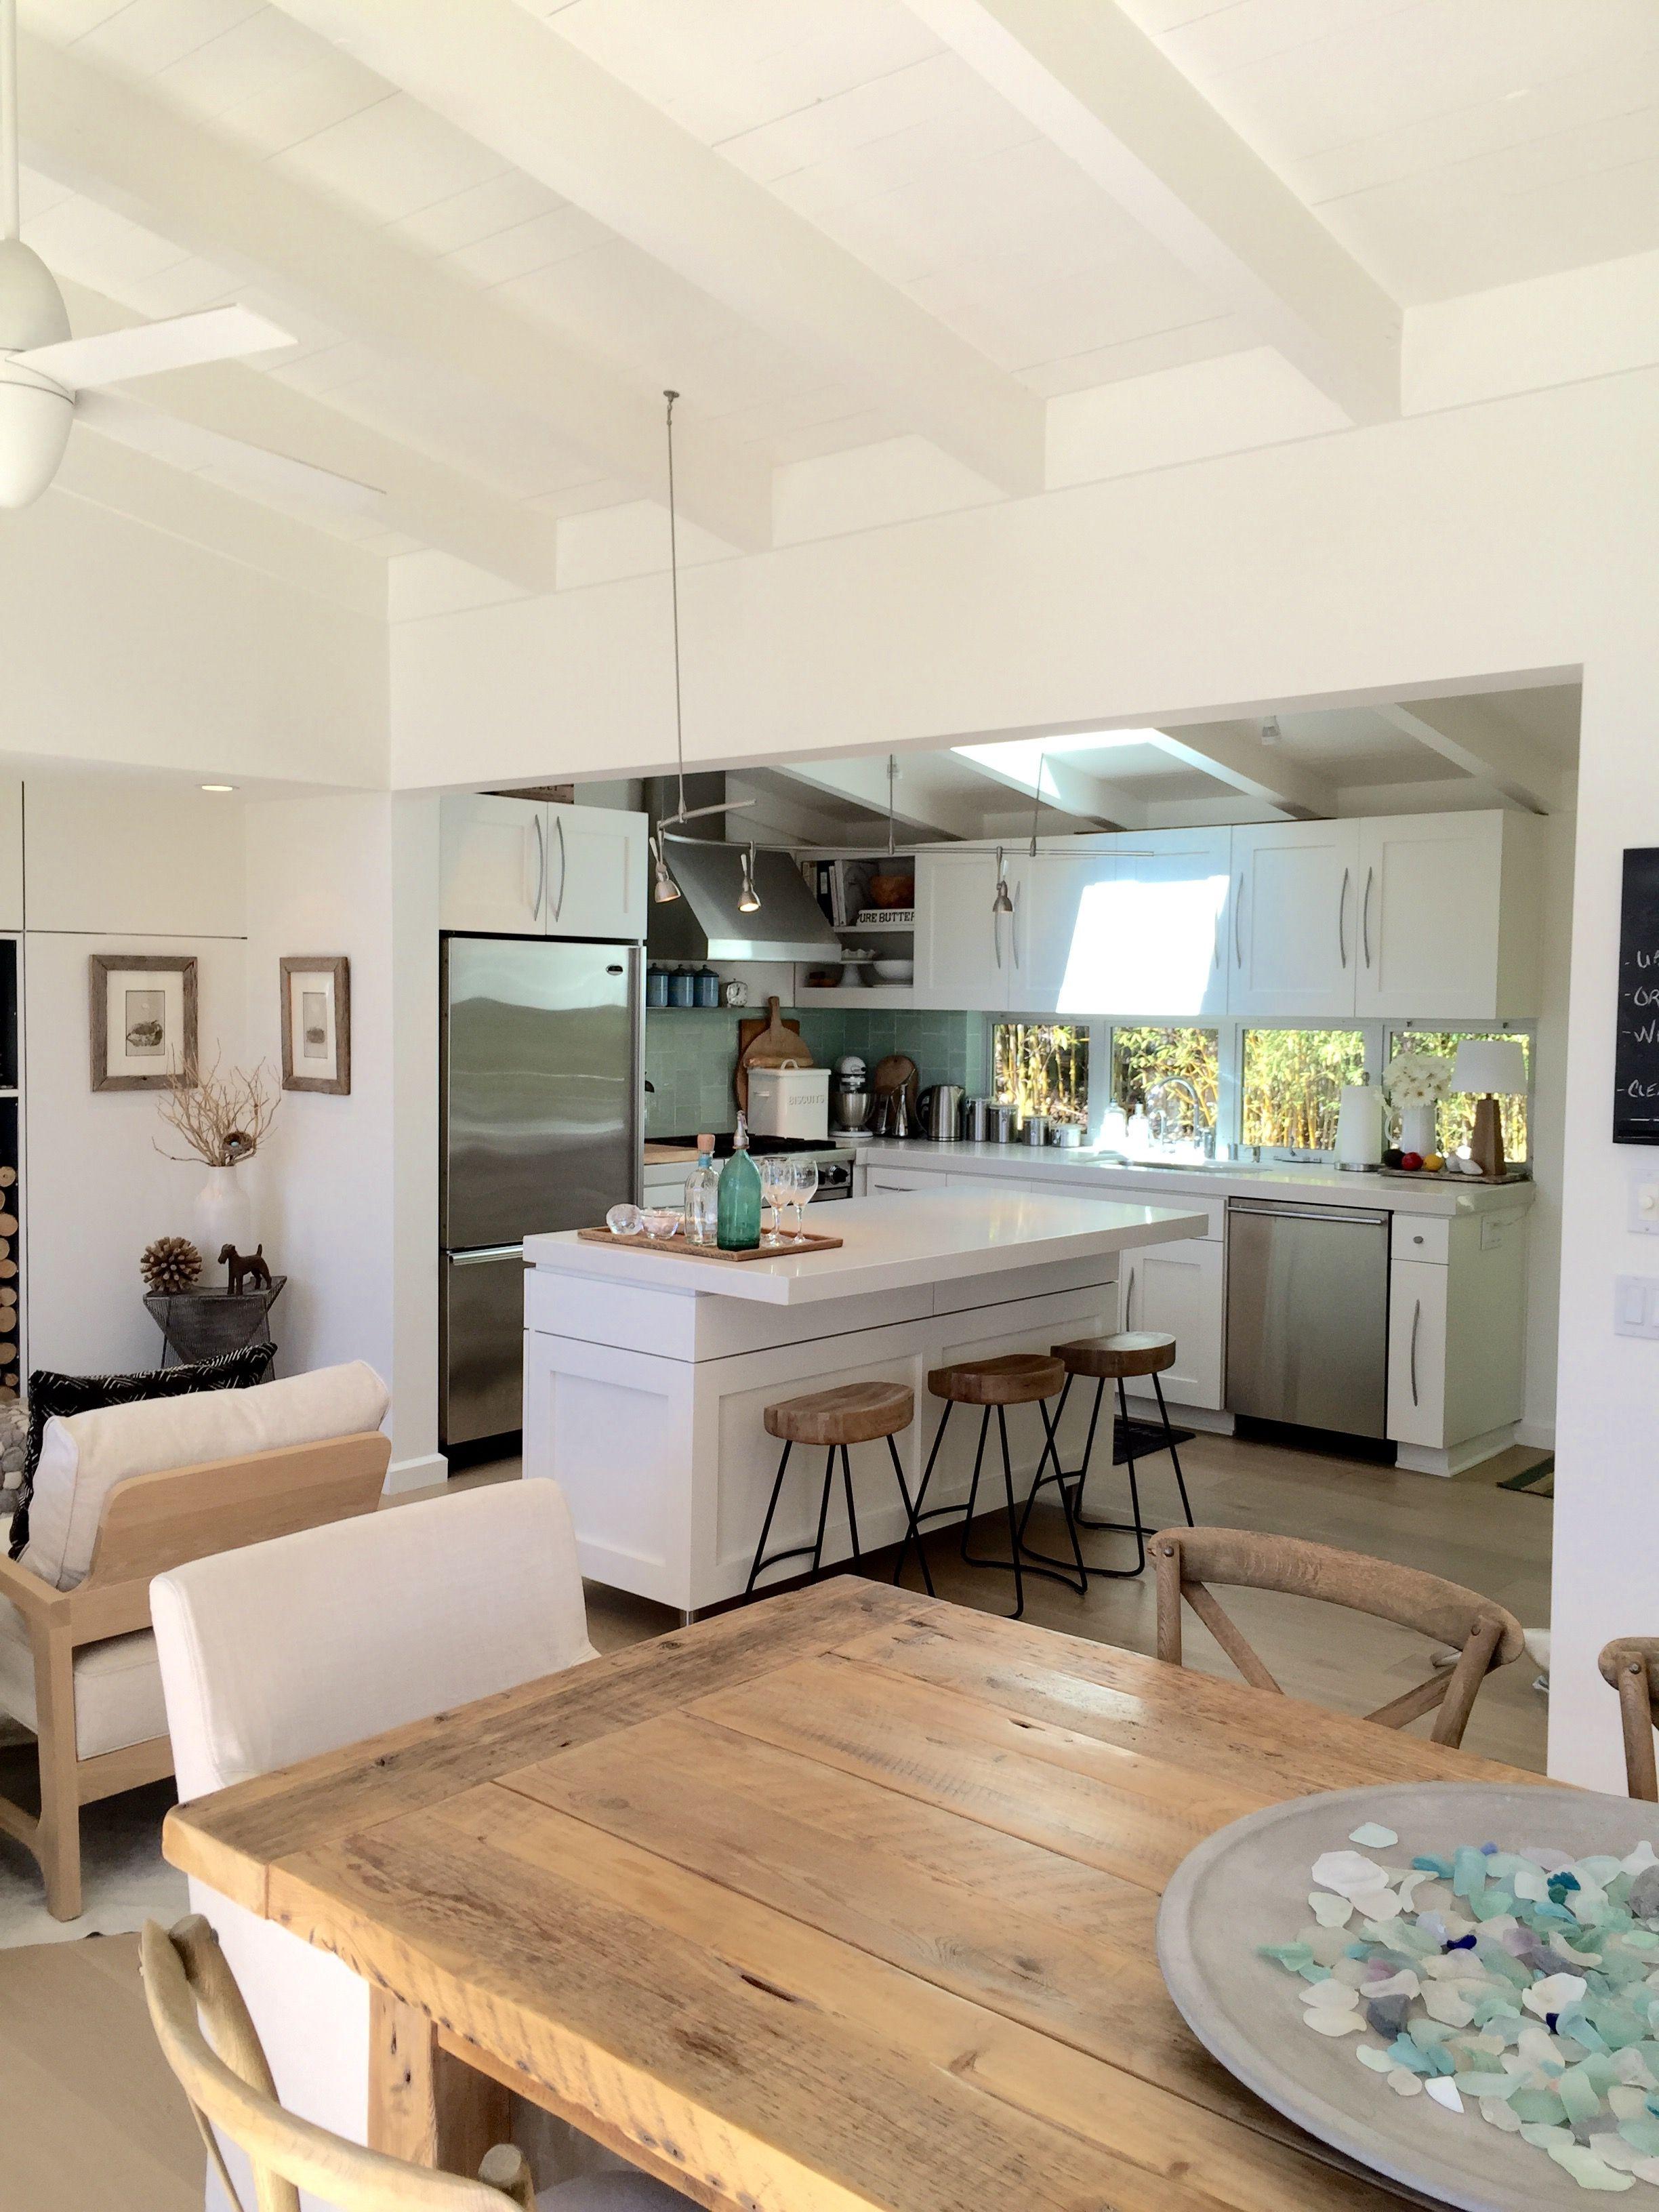 White Kitchen Santa Barbara Glass House Home Decor Interior